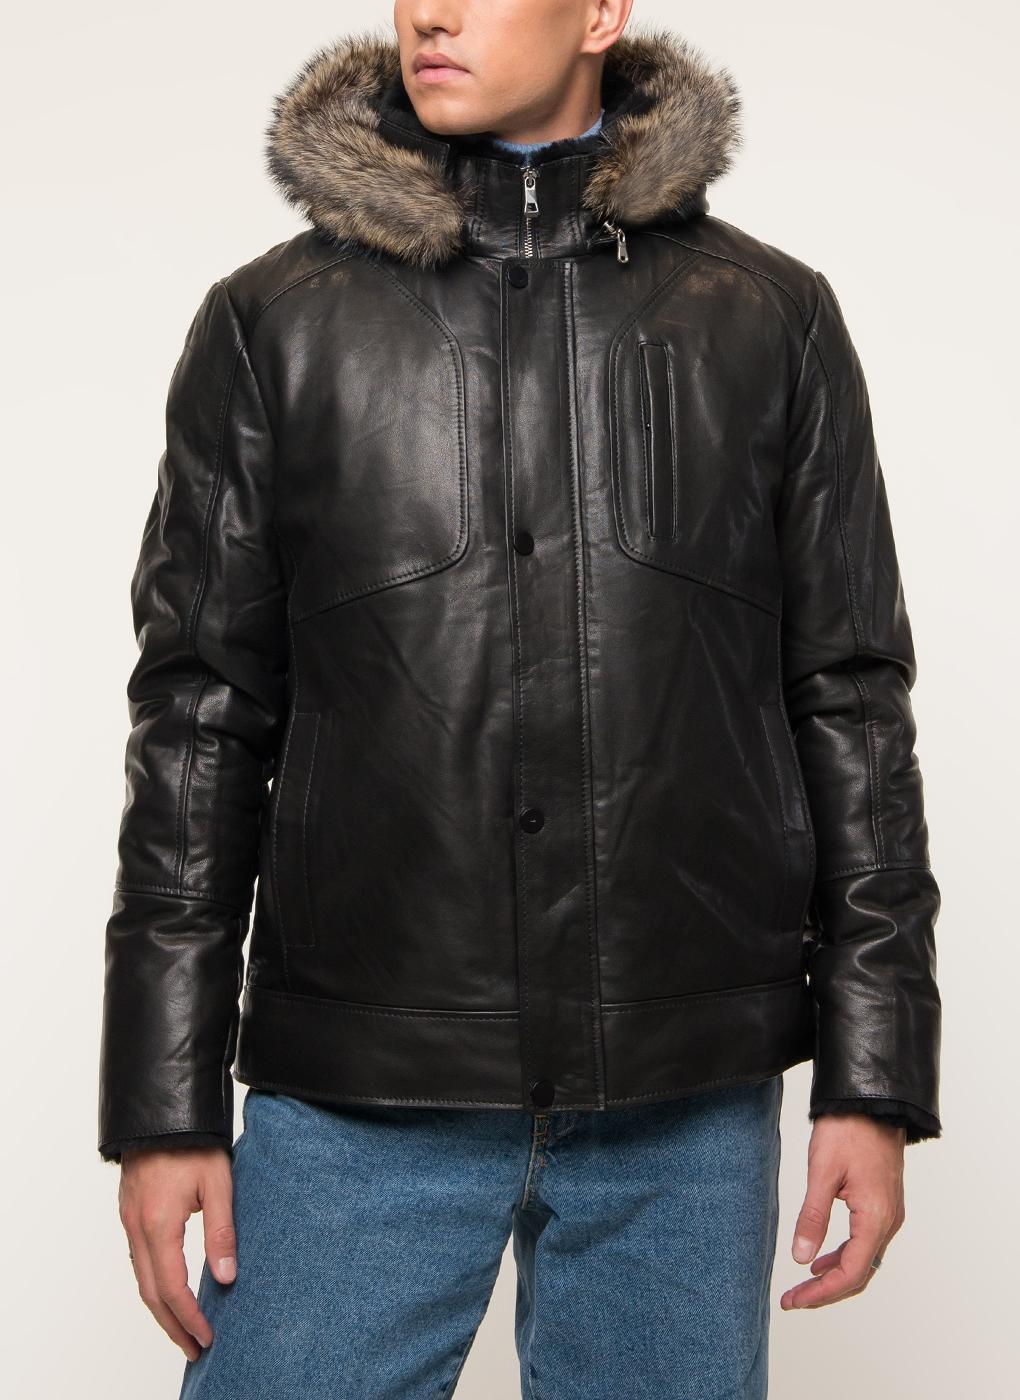 Дубленка мужская Ennur 42465 черная 56 RU